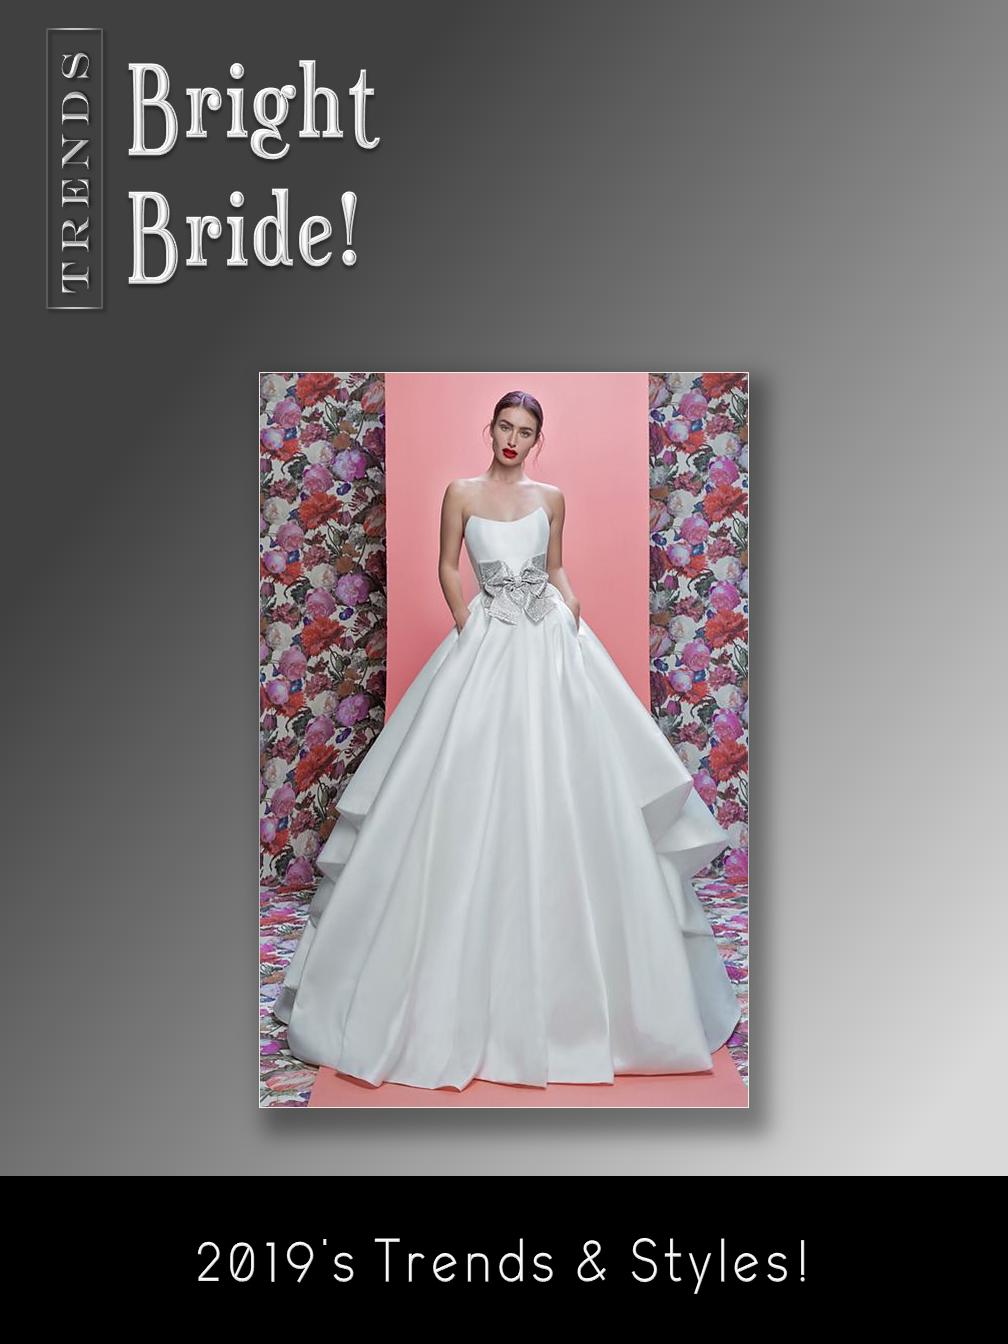 Bright Bride!